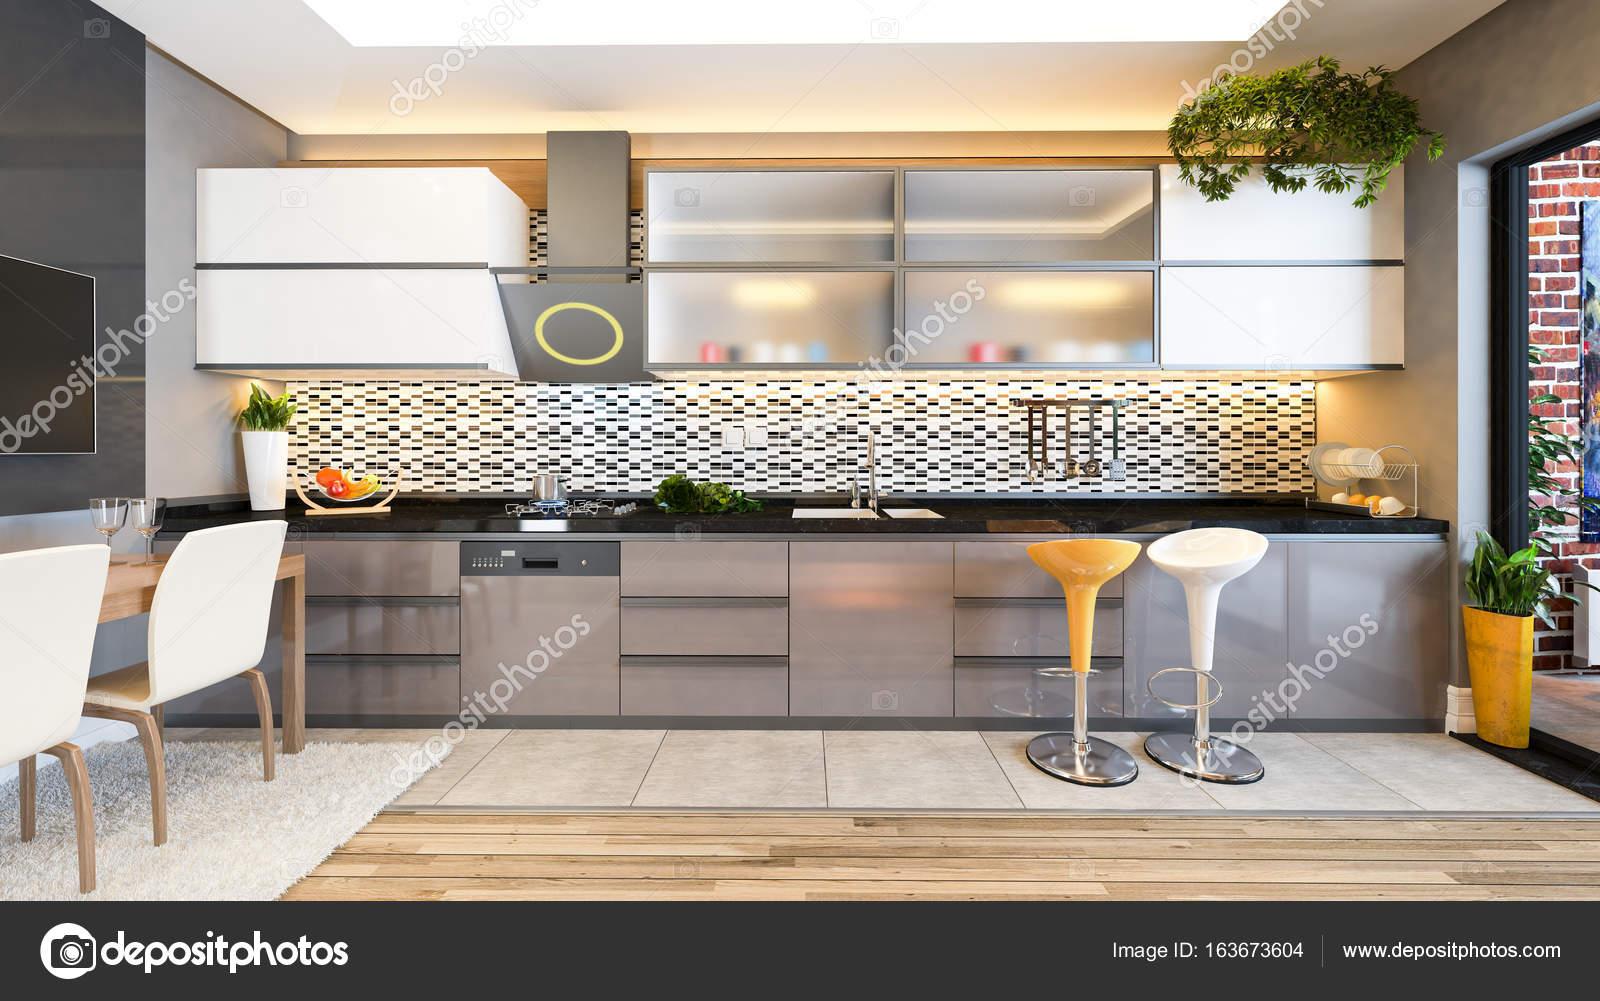 Cappuccino-Farbe-Küche-Design-Dekor-Idee — Stockfoto © sseven #163673604